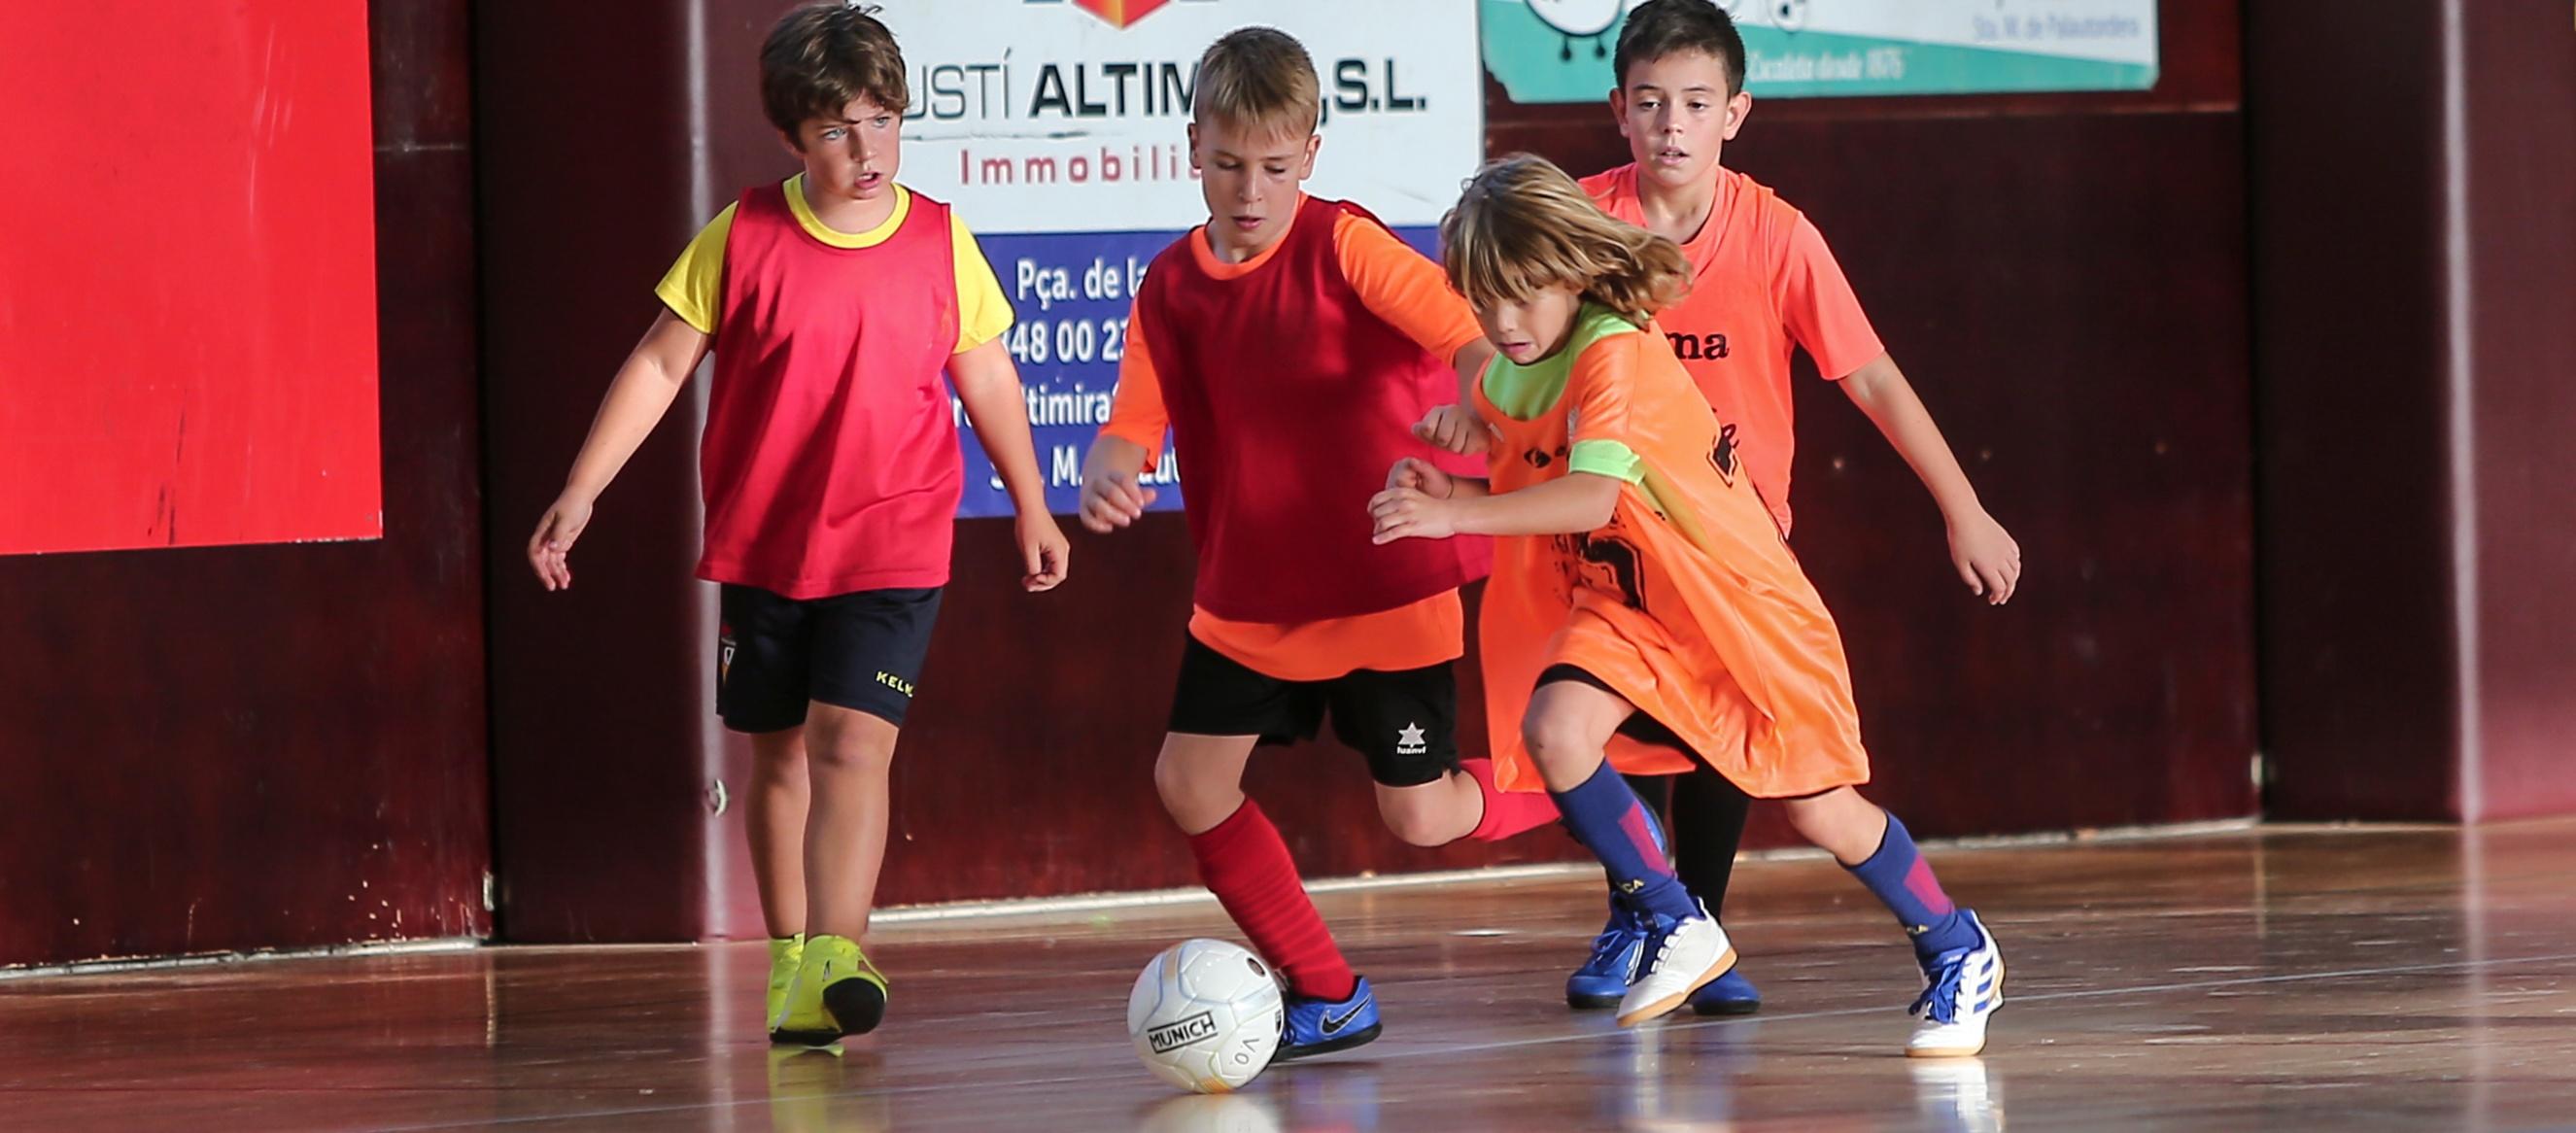 Modificacions en les agrupacions provisionals de futbol sala